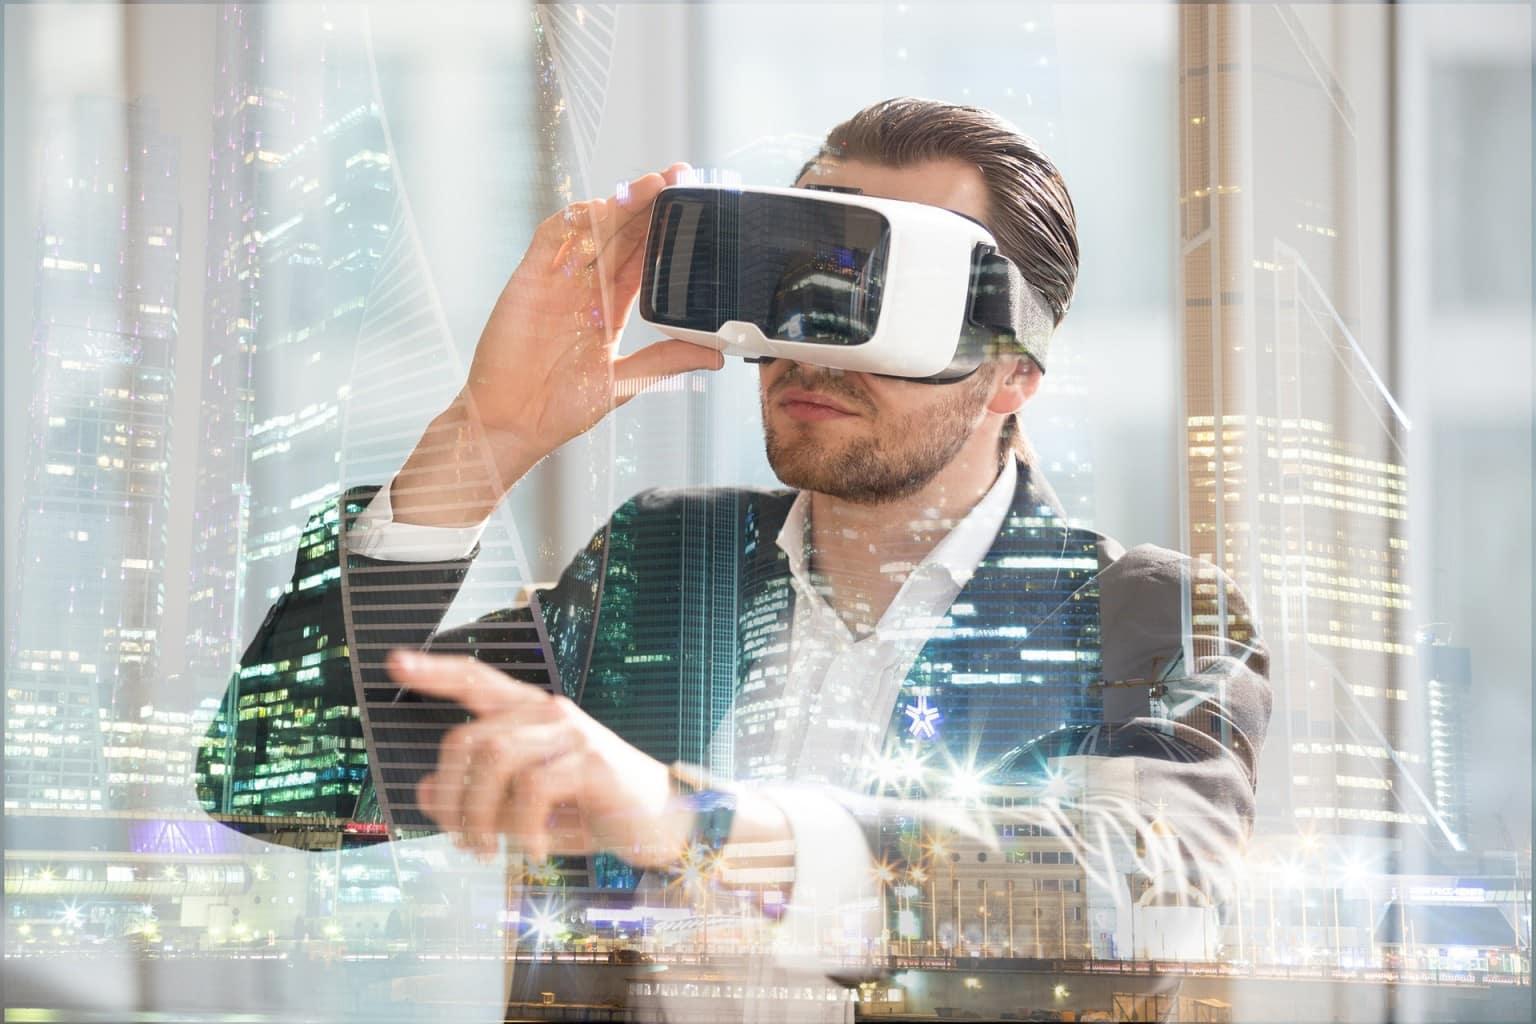 Realidade virtual - Estúdio de visualização 3D e sua forma de ajudar os arquitetos